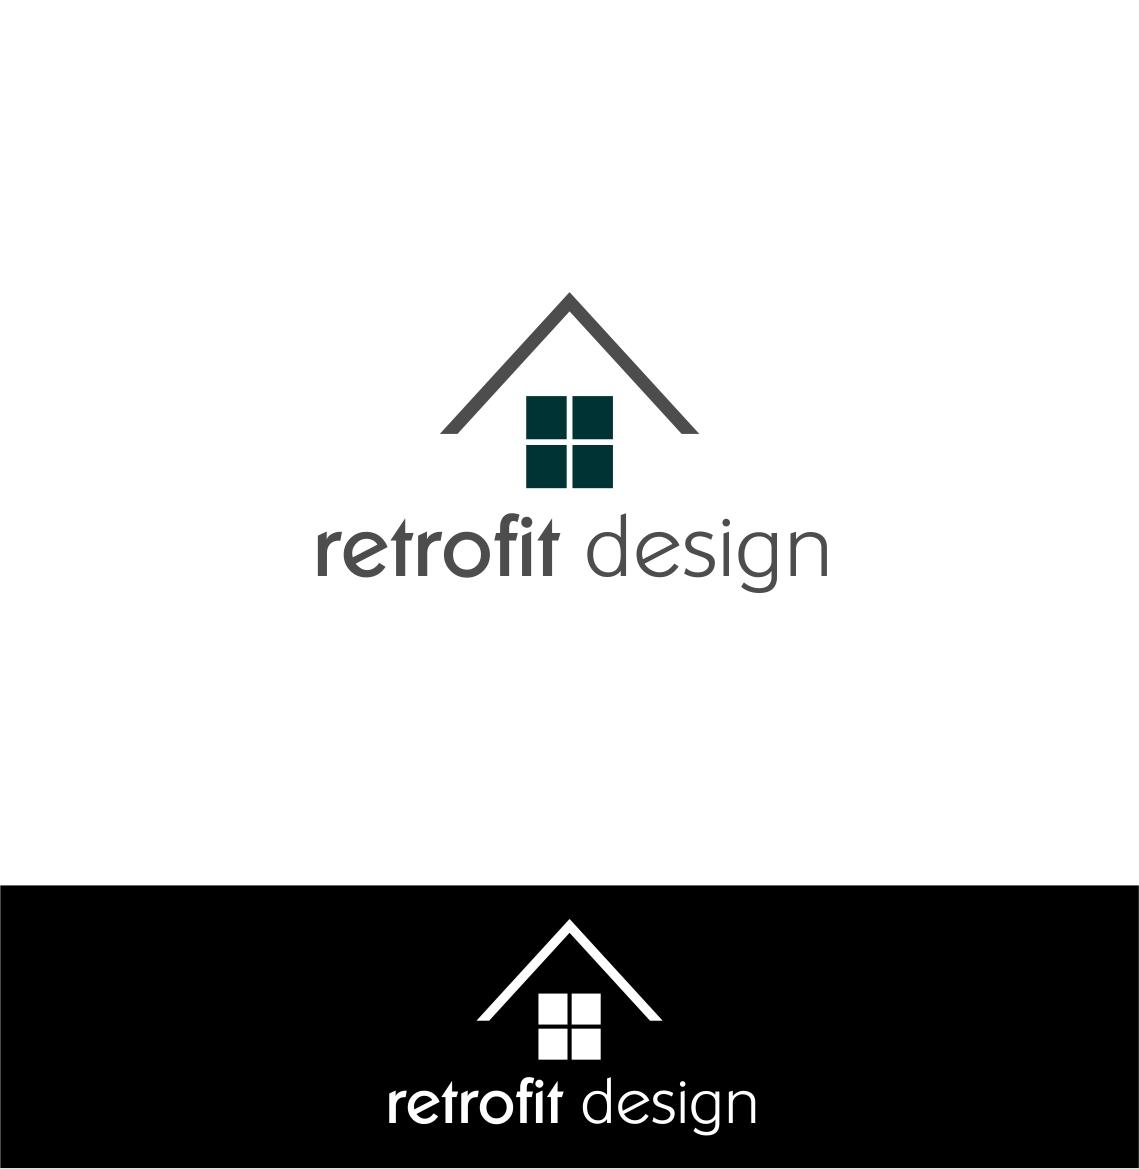 Logo Design by haidu - Entry No. 59 in the Logo Design Contest Inspiring Logo Design for retrofit design.